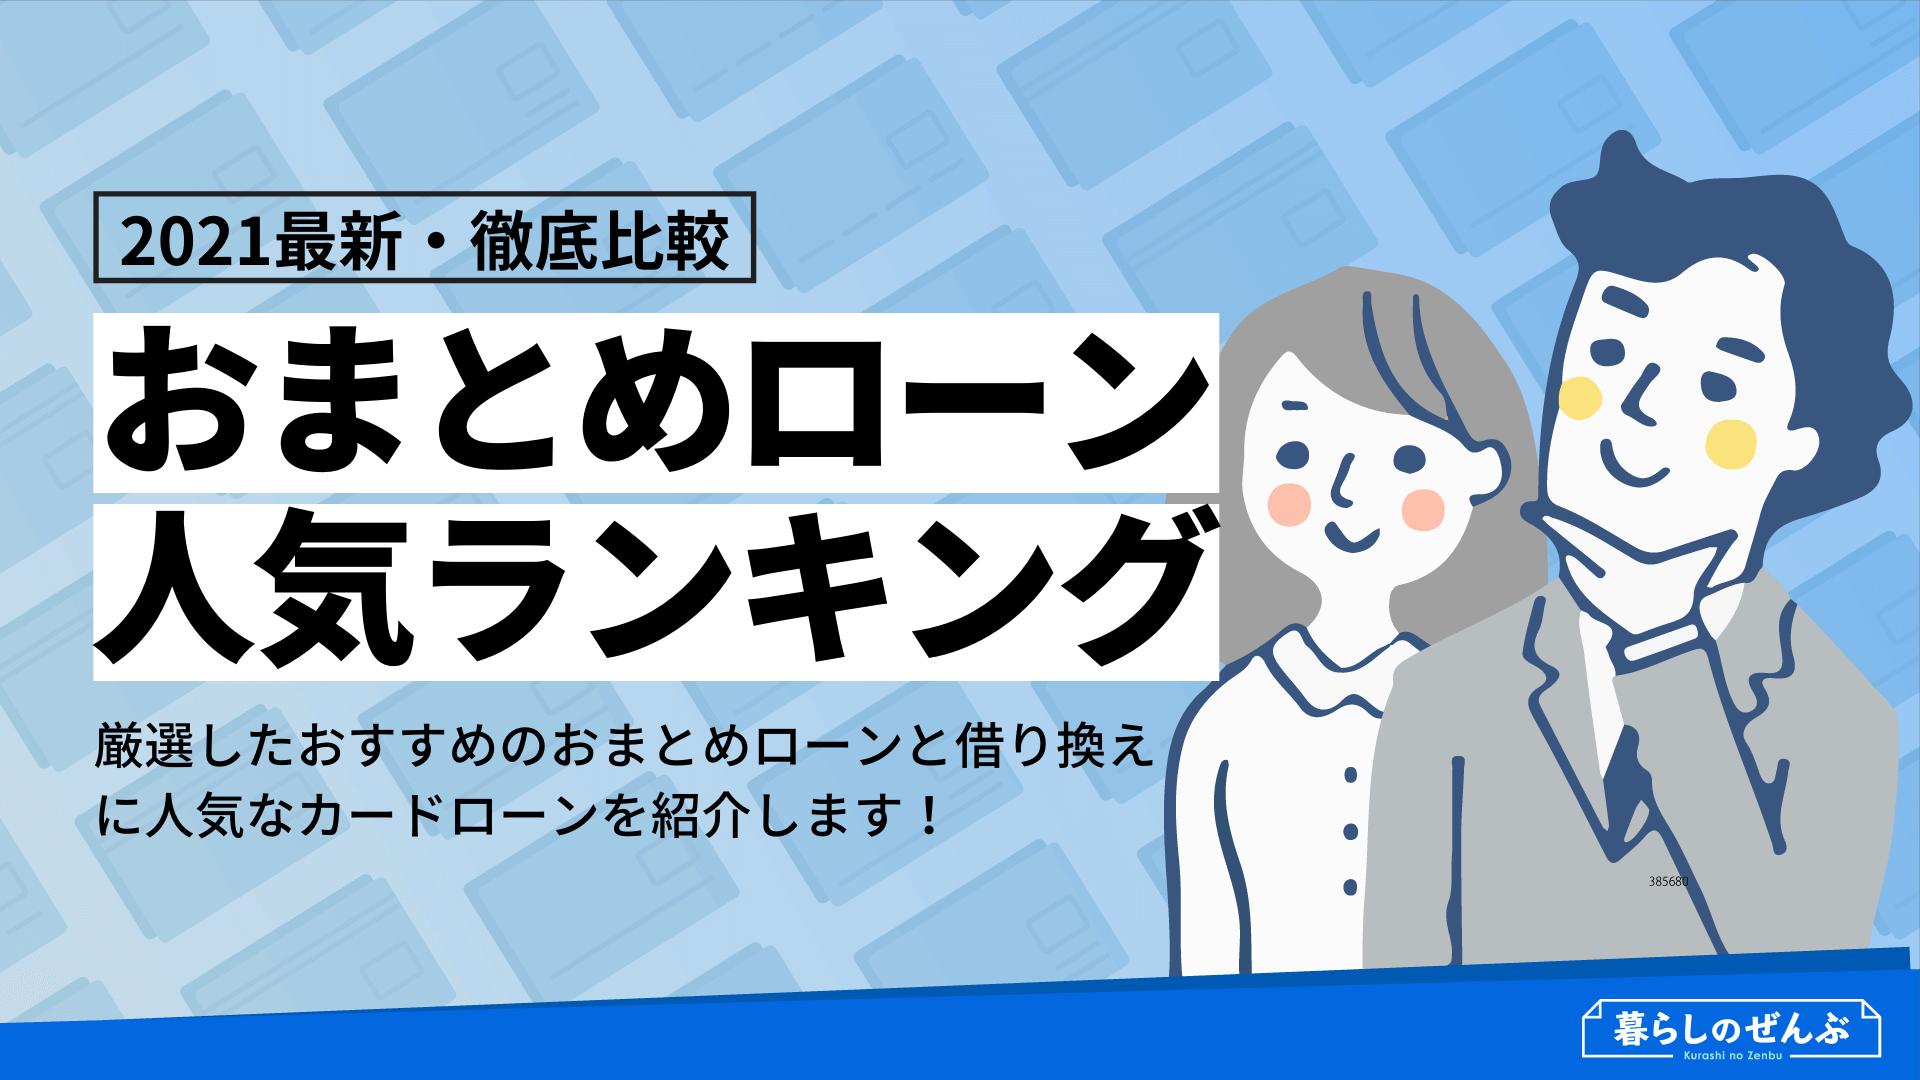 【2021最新・徹底比較】おまとめローンおすすめ人気ランキング9選!